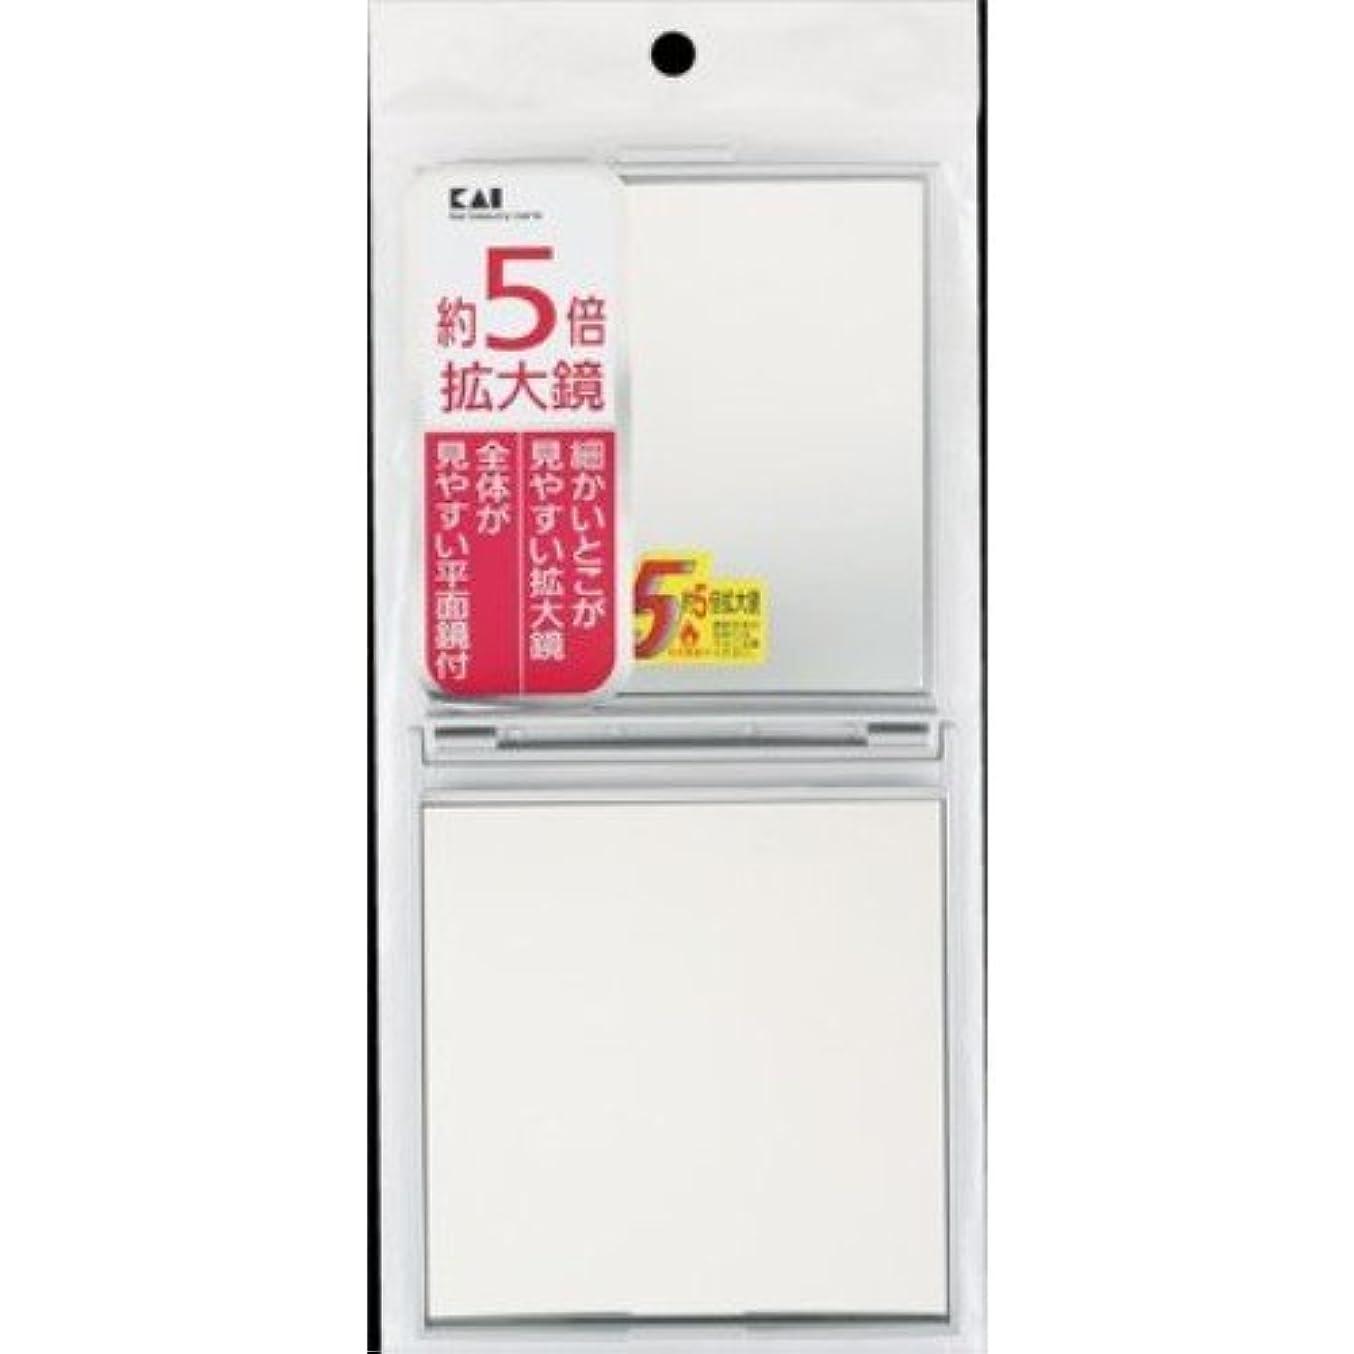 オリエント不要ふつう貝印 5倍拡大鏡付コンパクトミラー シルバー KX0755